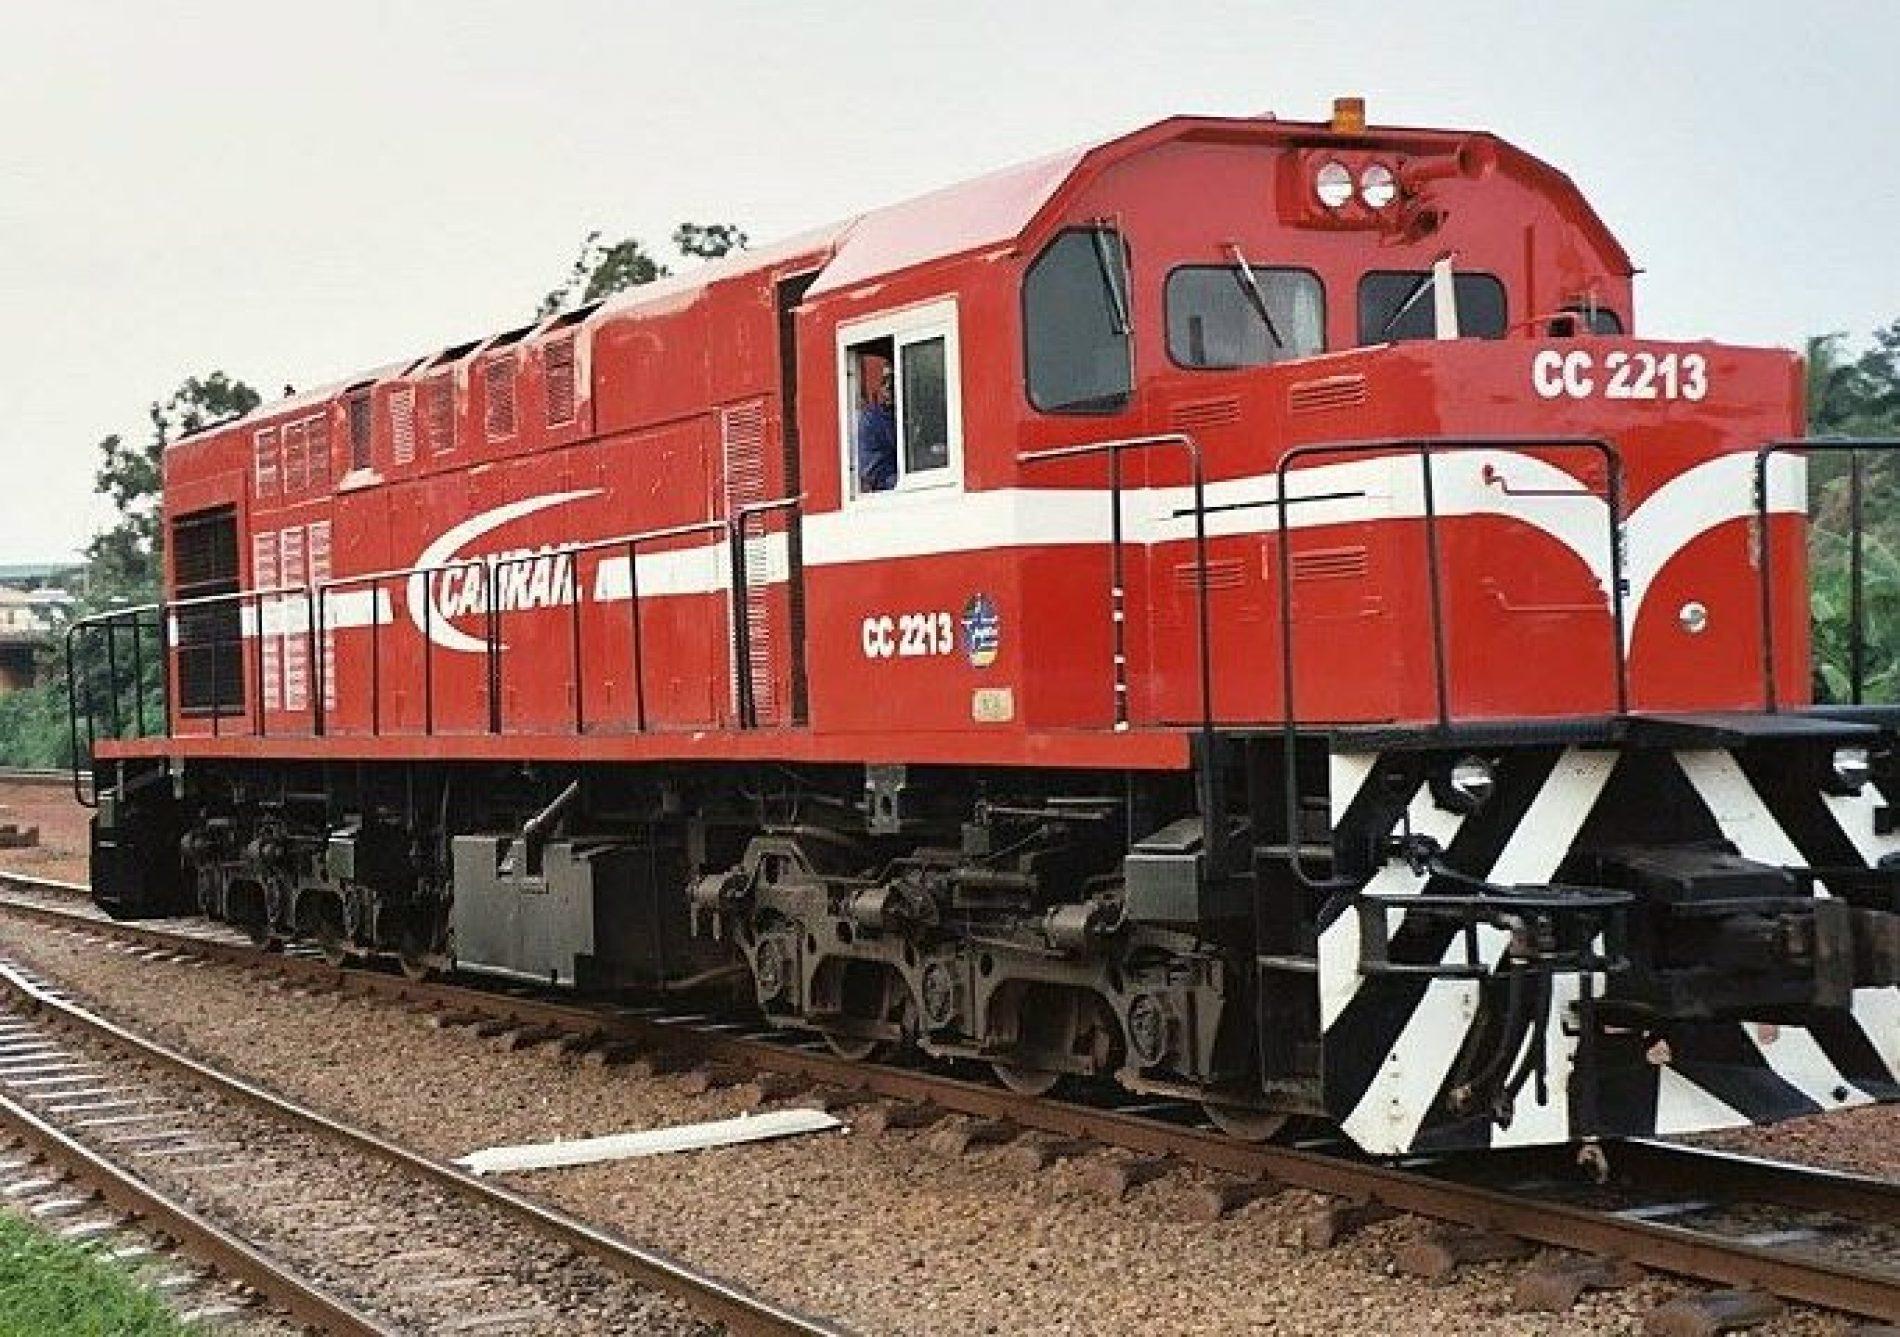 Tronçon ferroviaire Ngaoundéré-Ndjamena: Idriss Deby se tourne finalement vers le Soudan